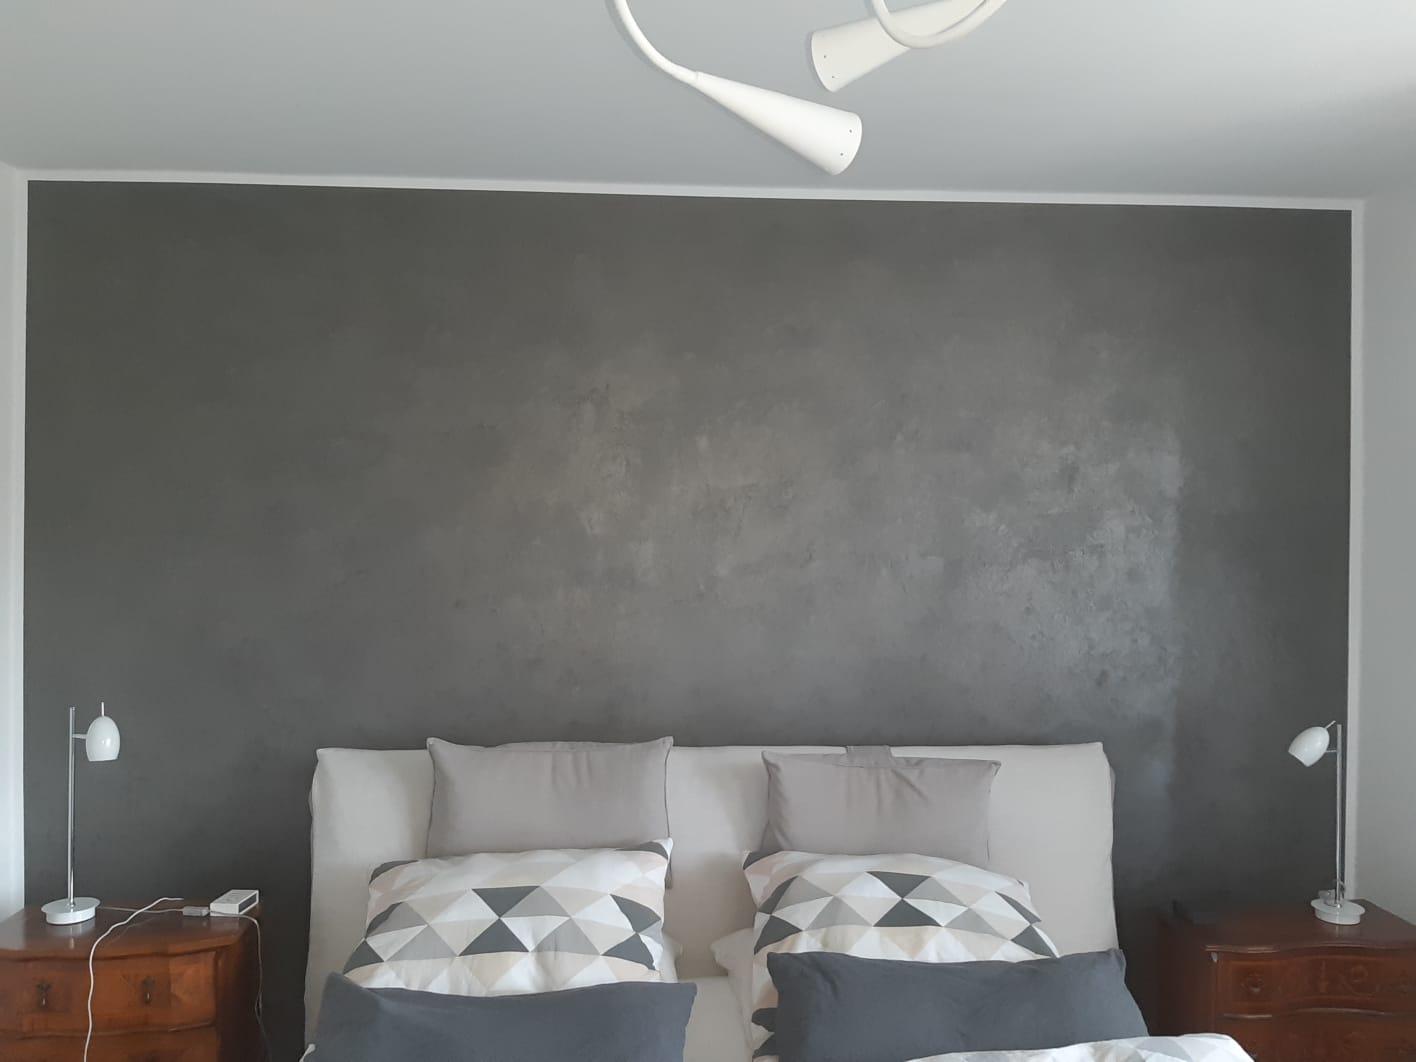 Spachteltechnik von Maler Kamper